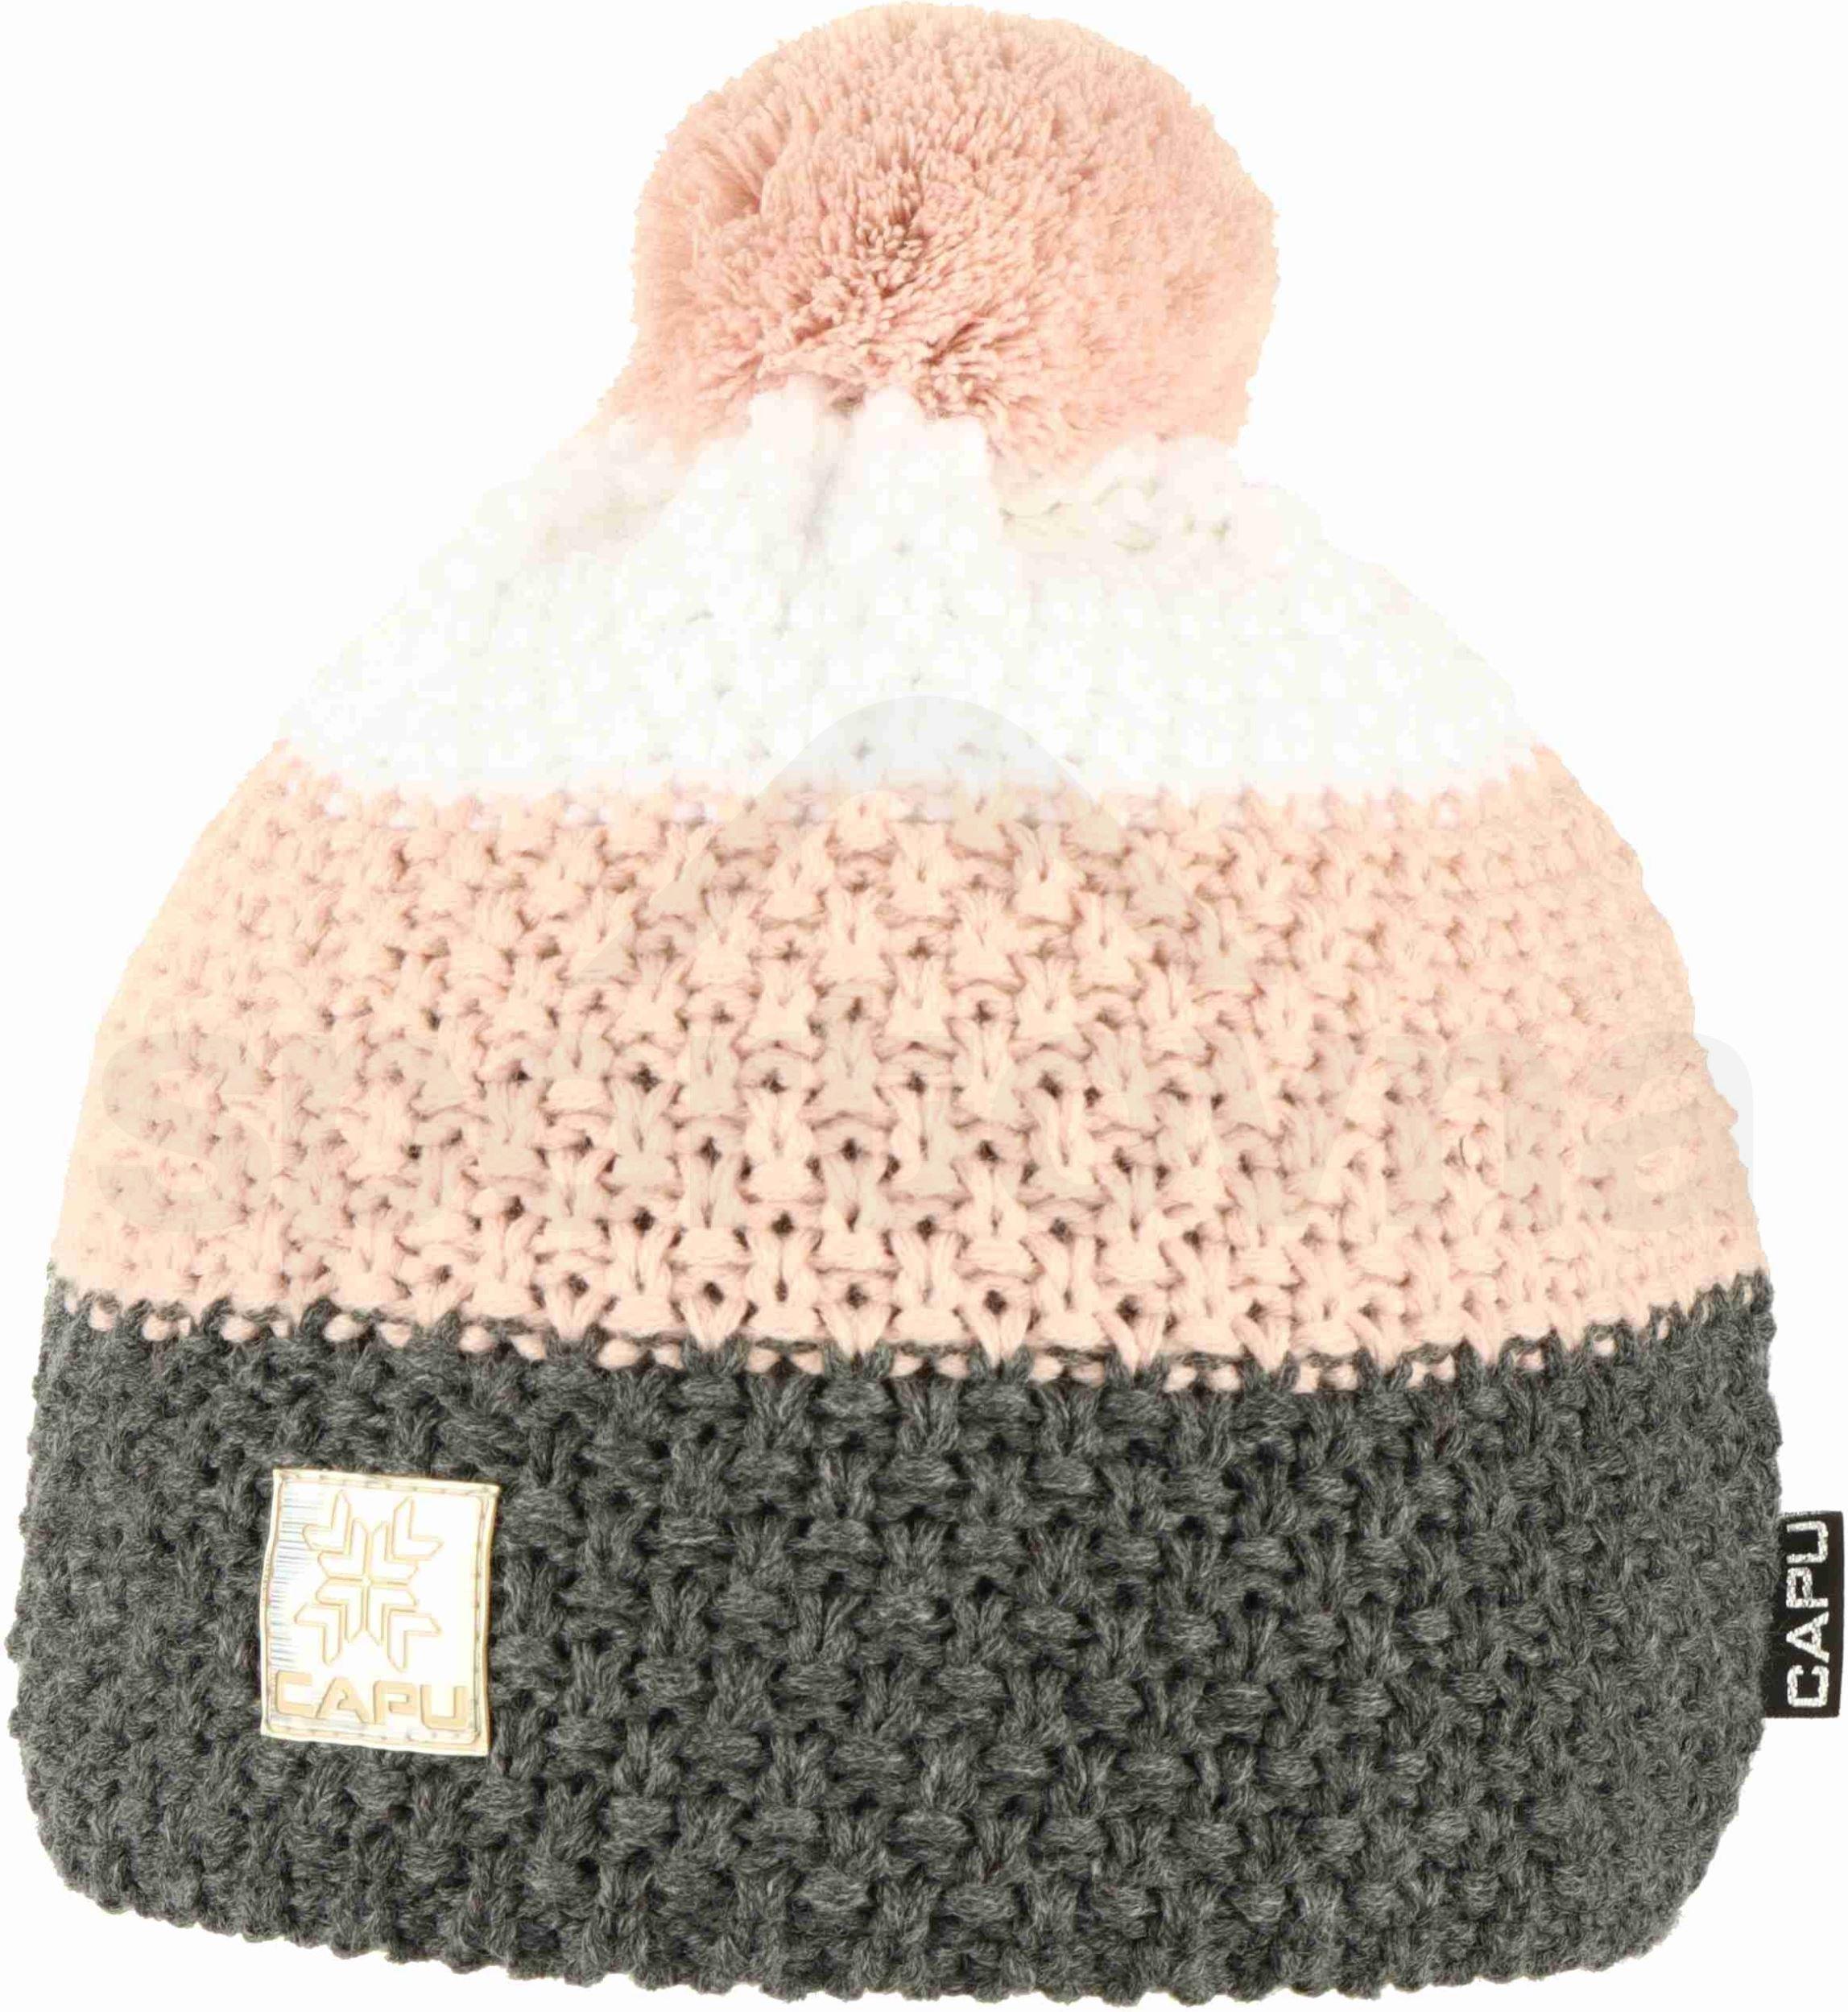 damska-zimni-cepice-capu-424-svetle-ruzova